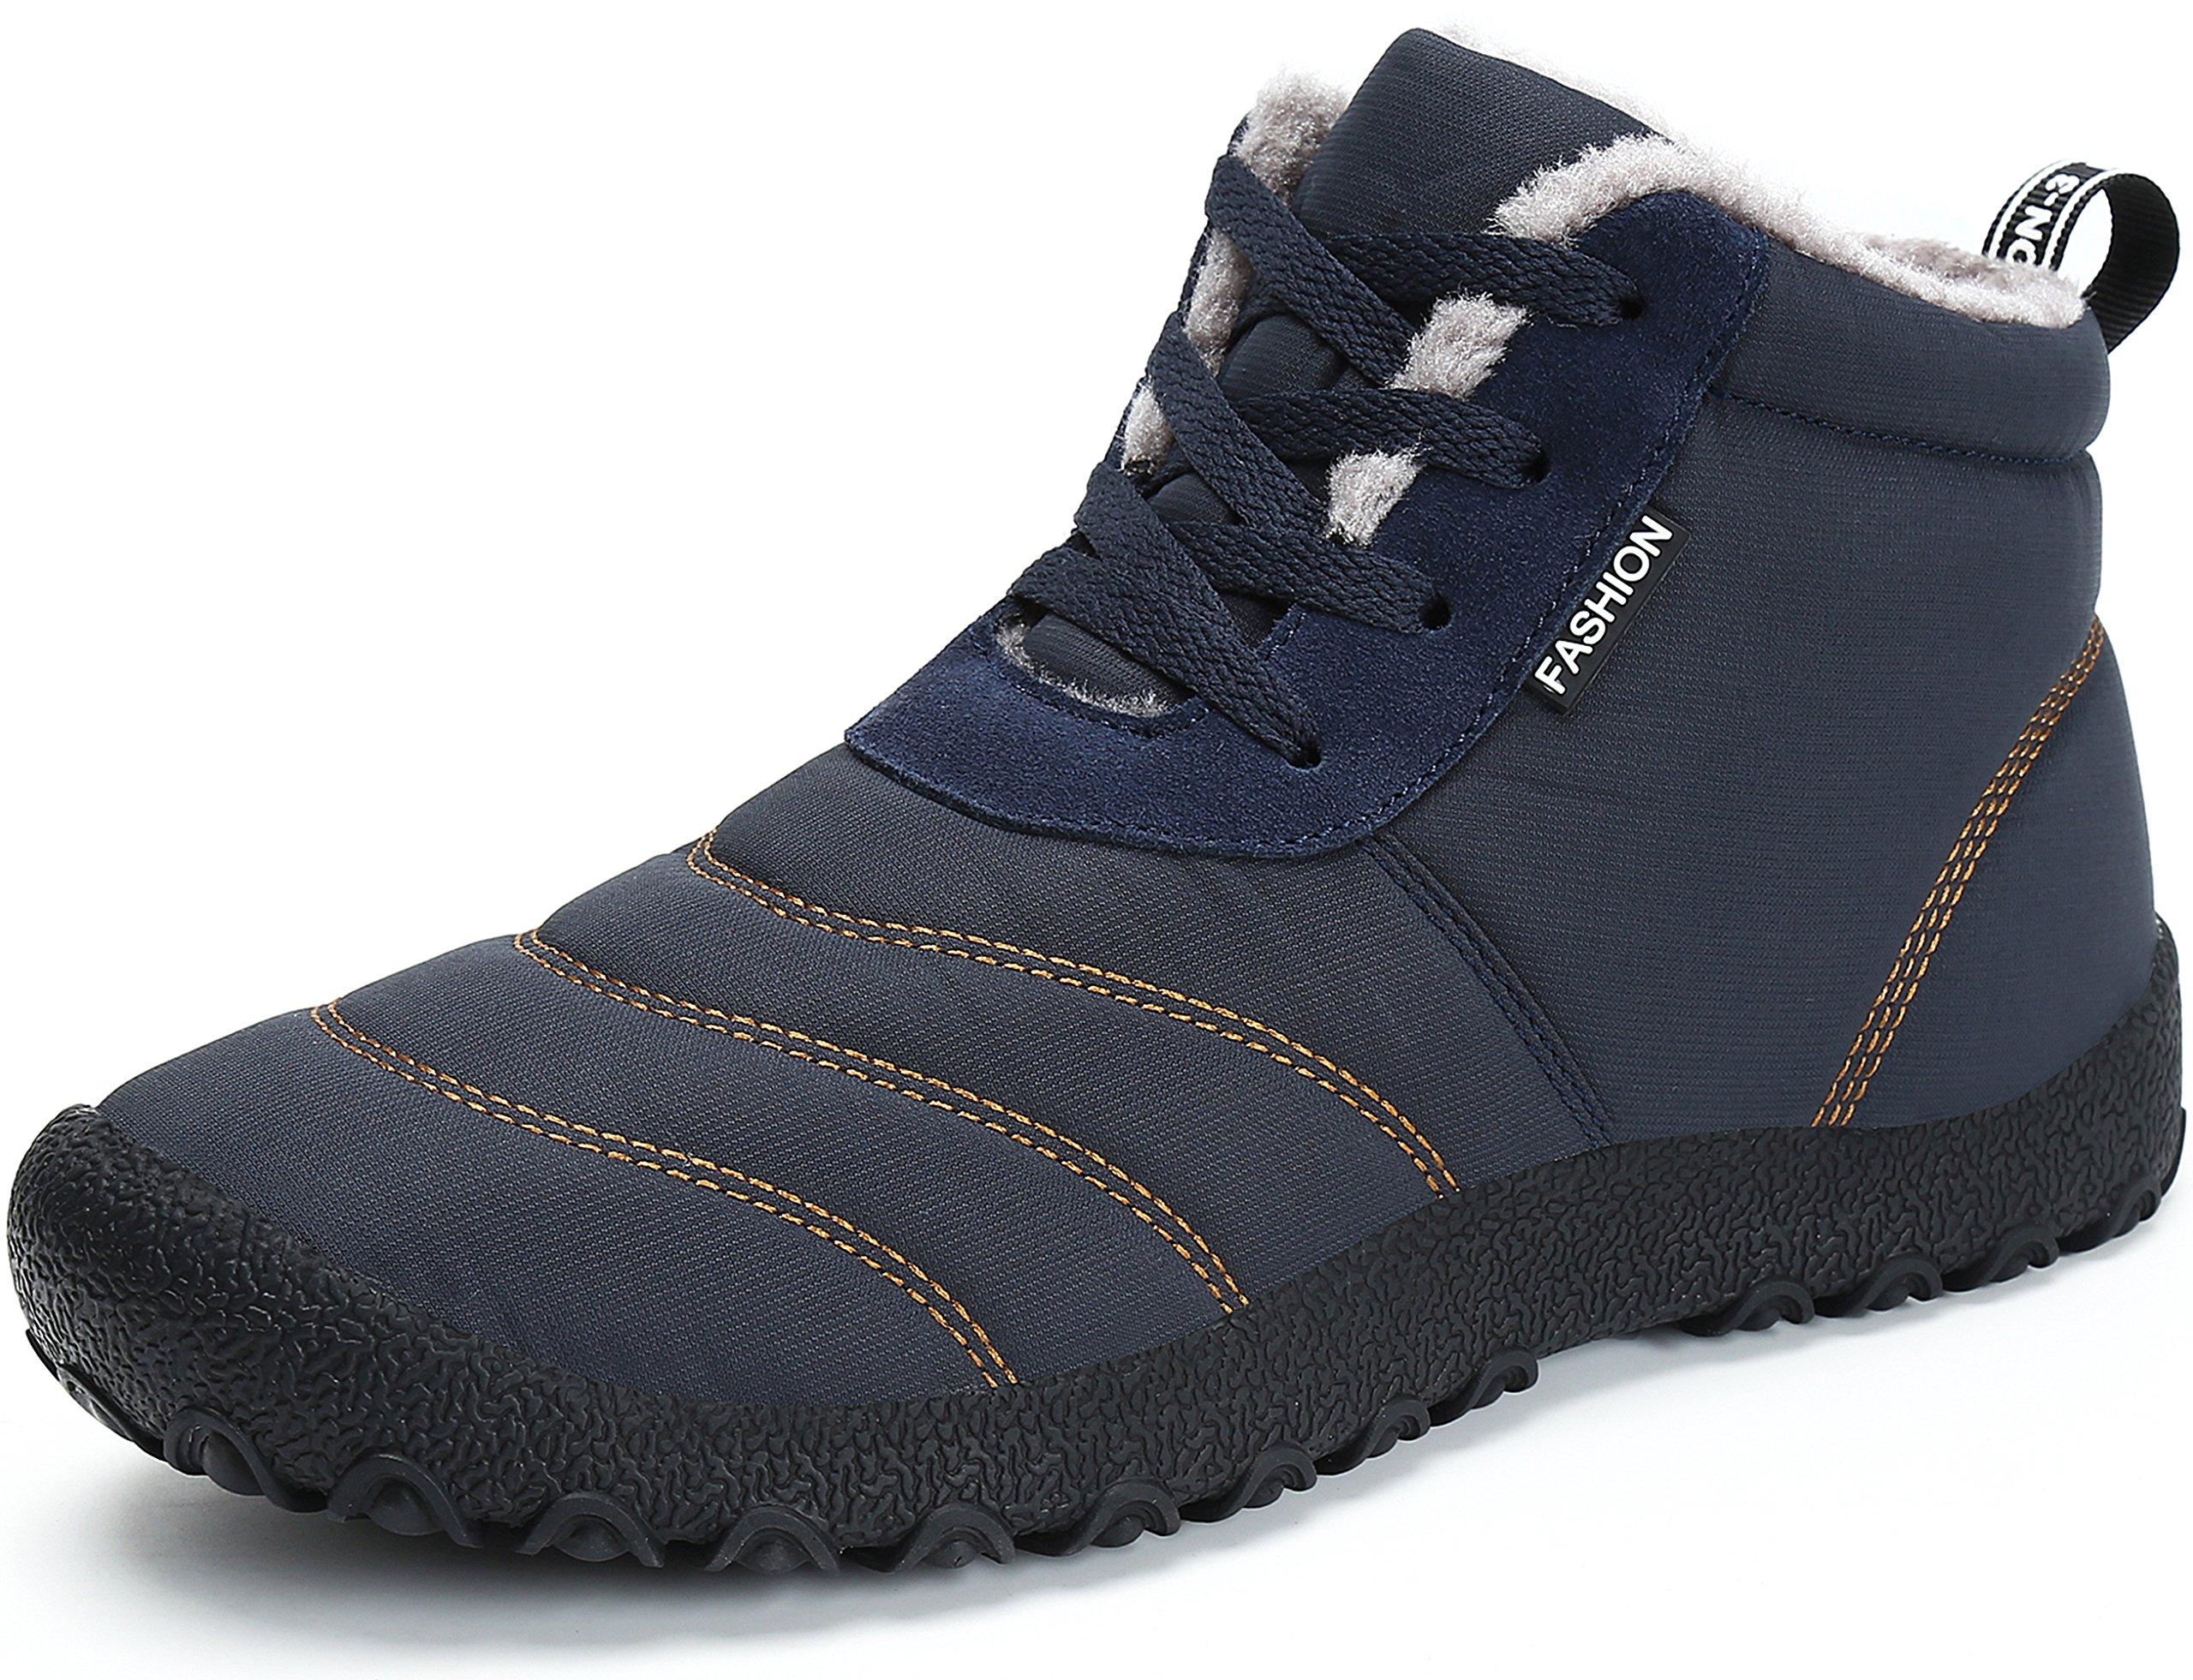 SAGUARO Stivaletti Caviglia Donna Neve Stivali Uomo Invernali Scarpe Caldo  Pelliccia Stringate Antiscivolo Boots Piatto All f82da684548